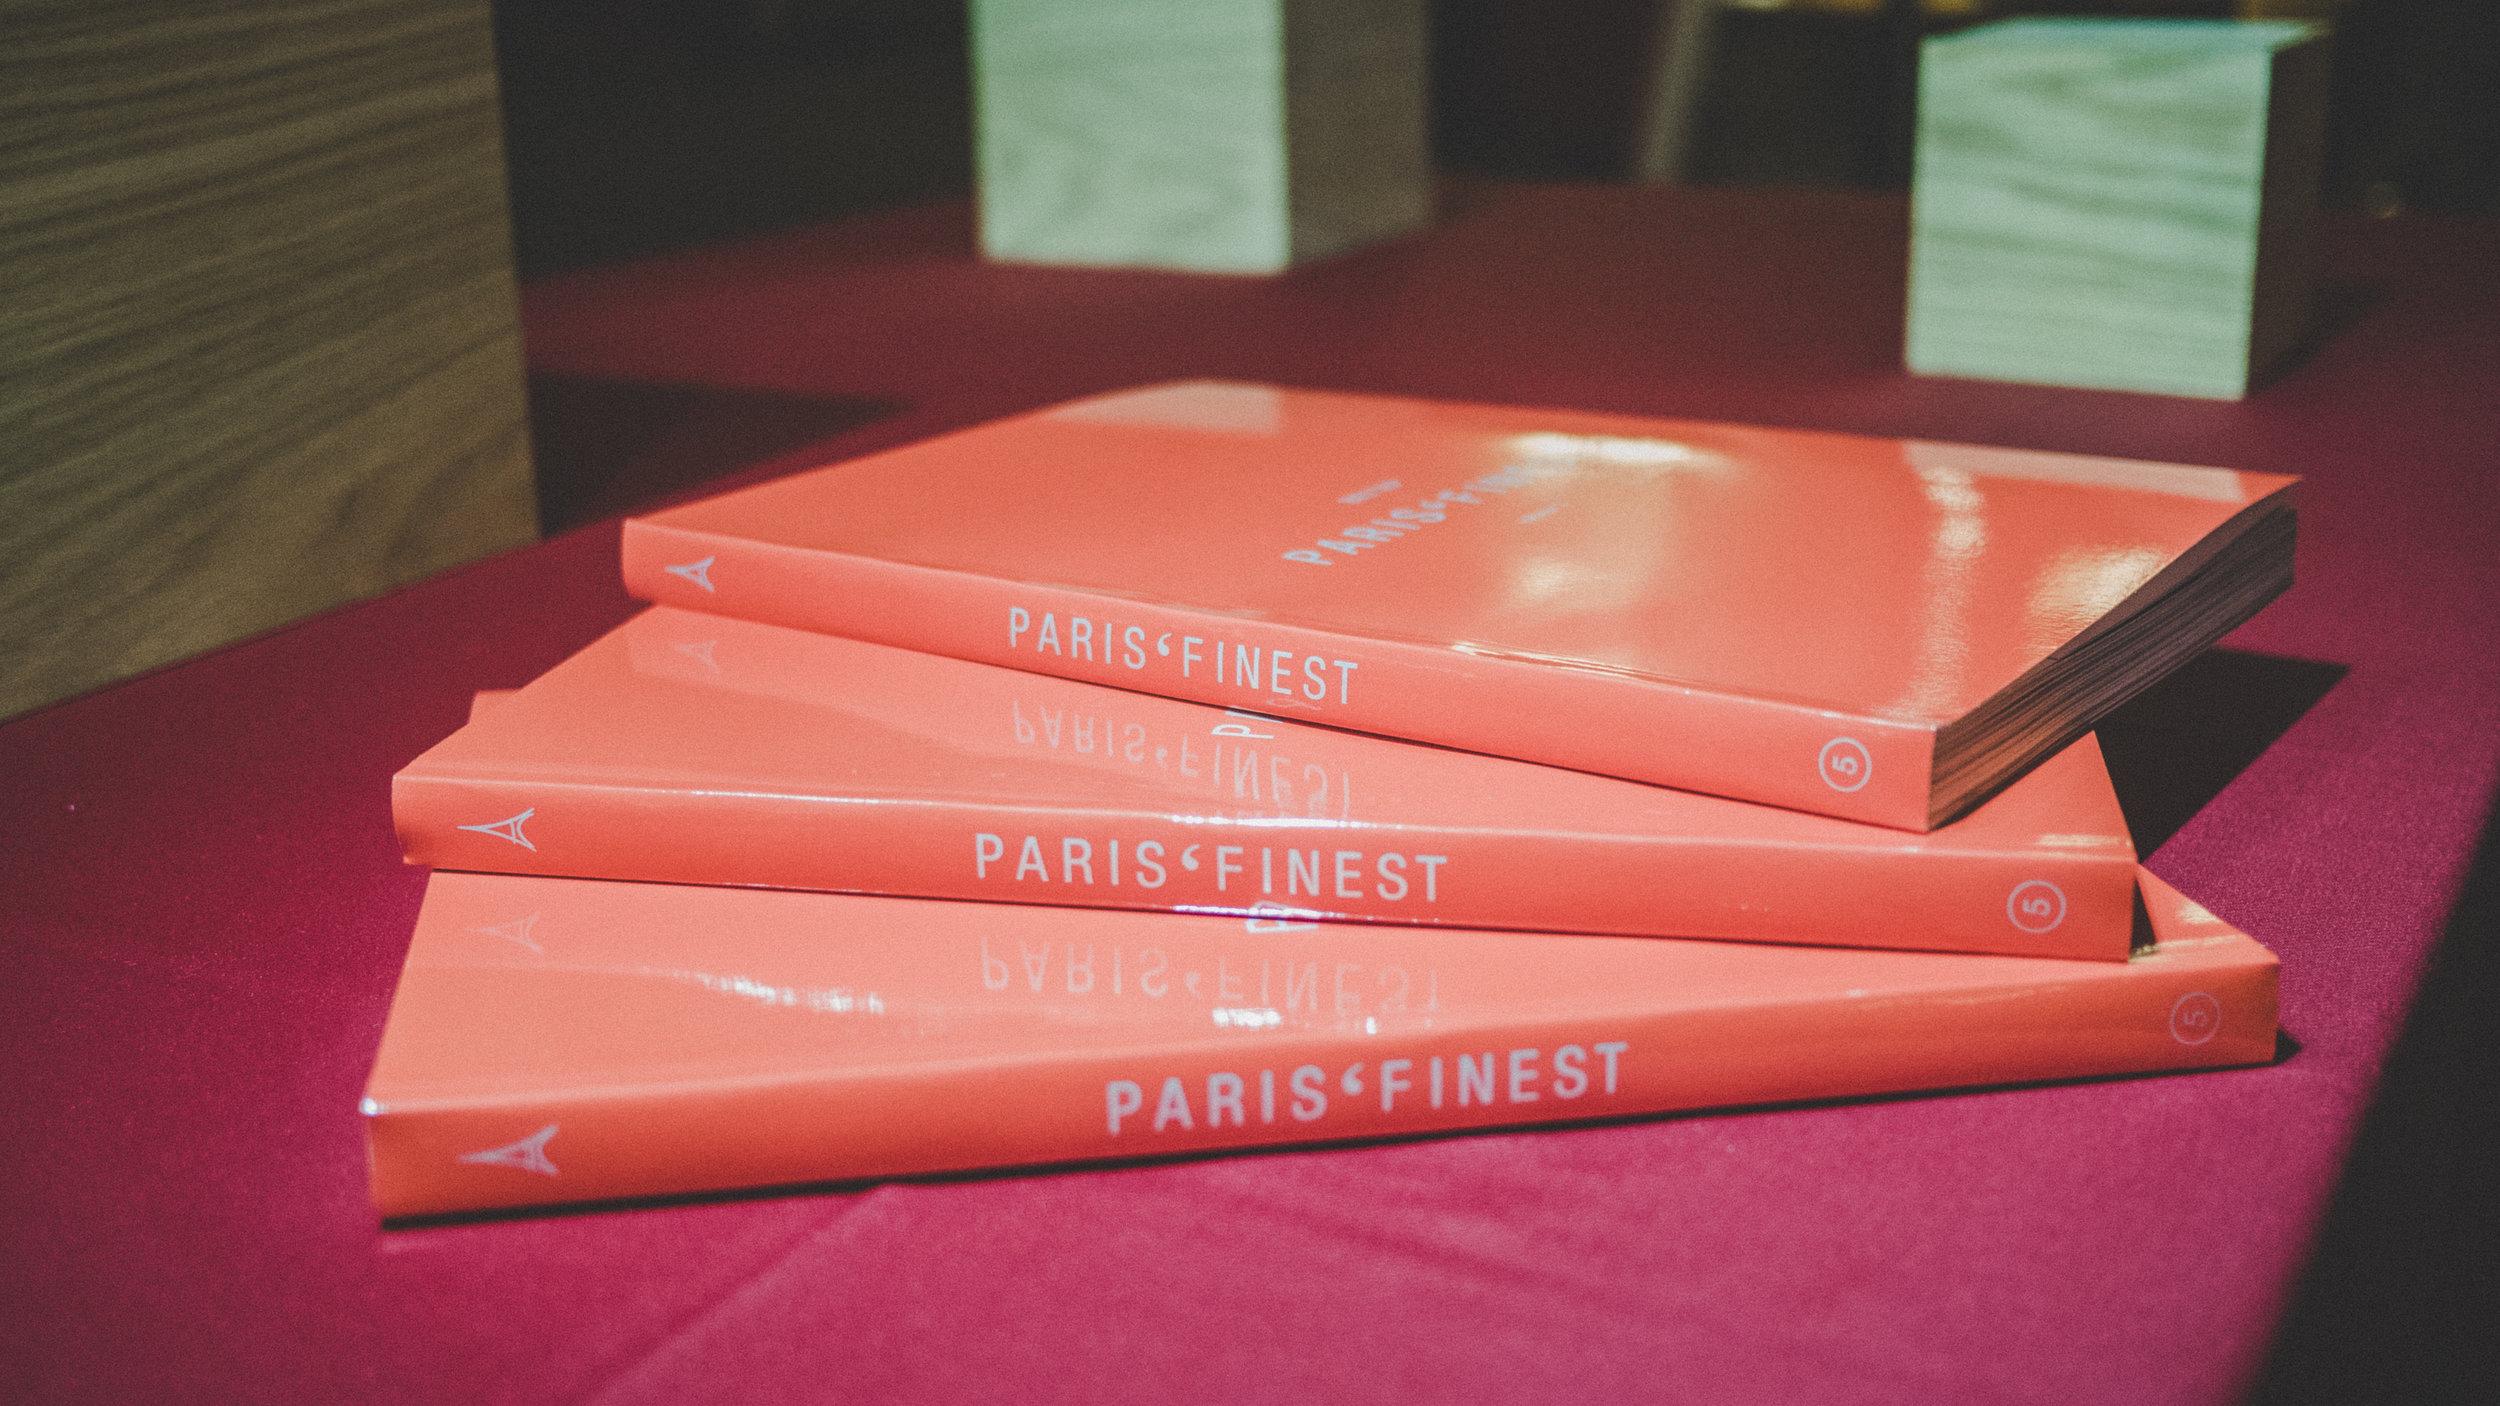 Conciergerie_Paris_Finest_scenography_designers_agence_christophe_gautrand_landscape_11.jpg